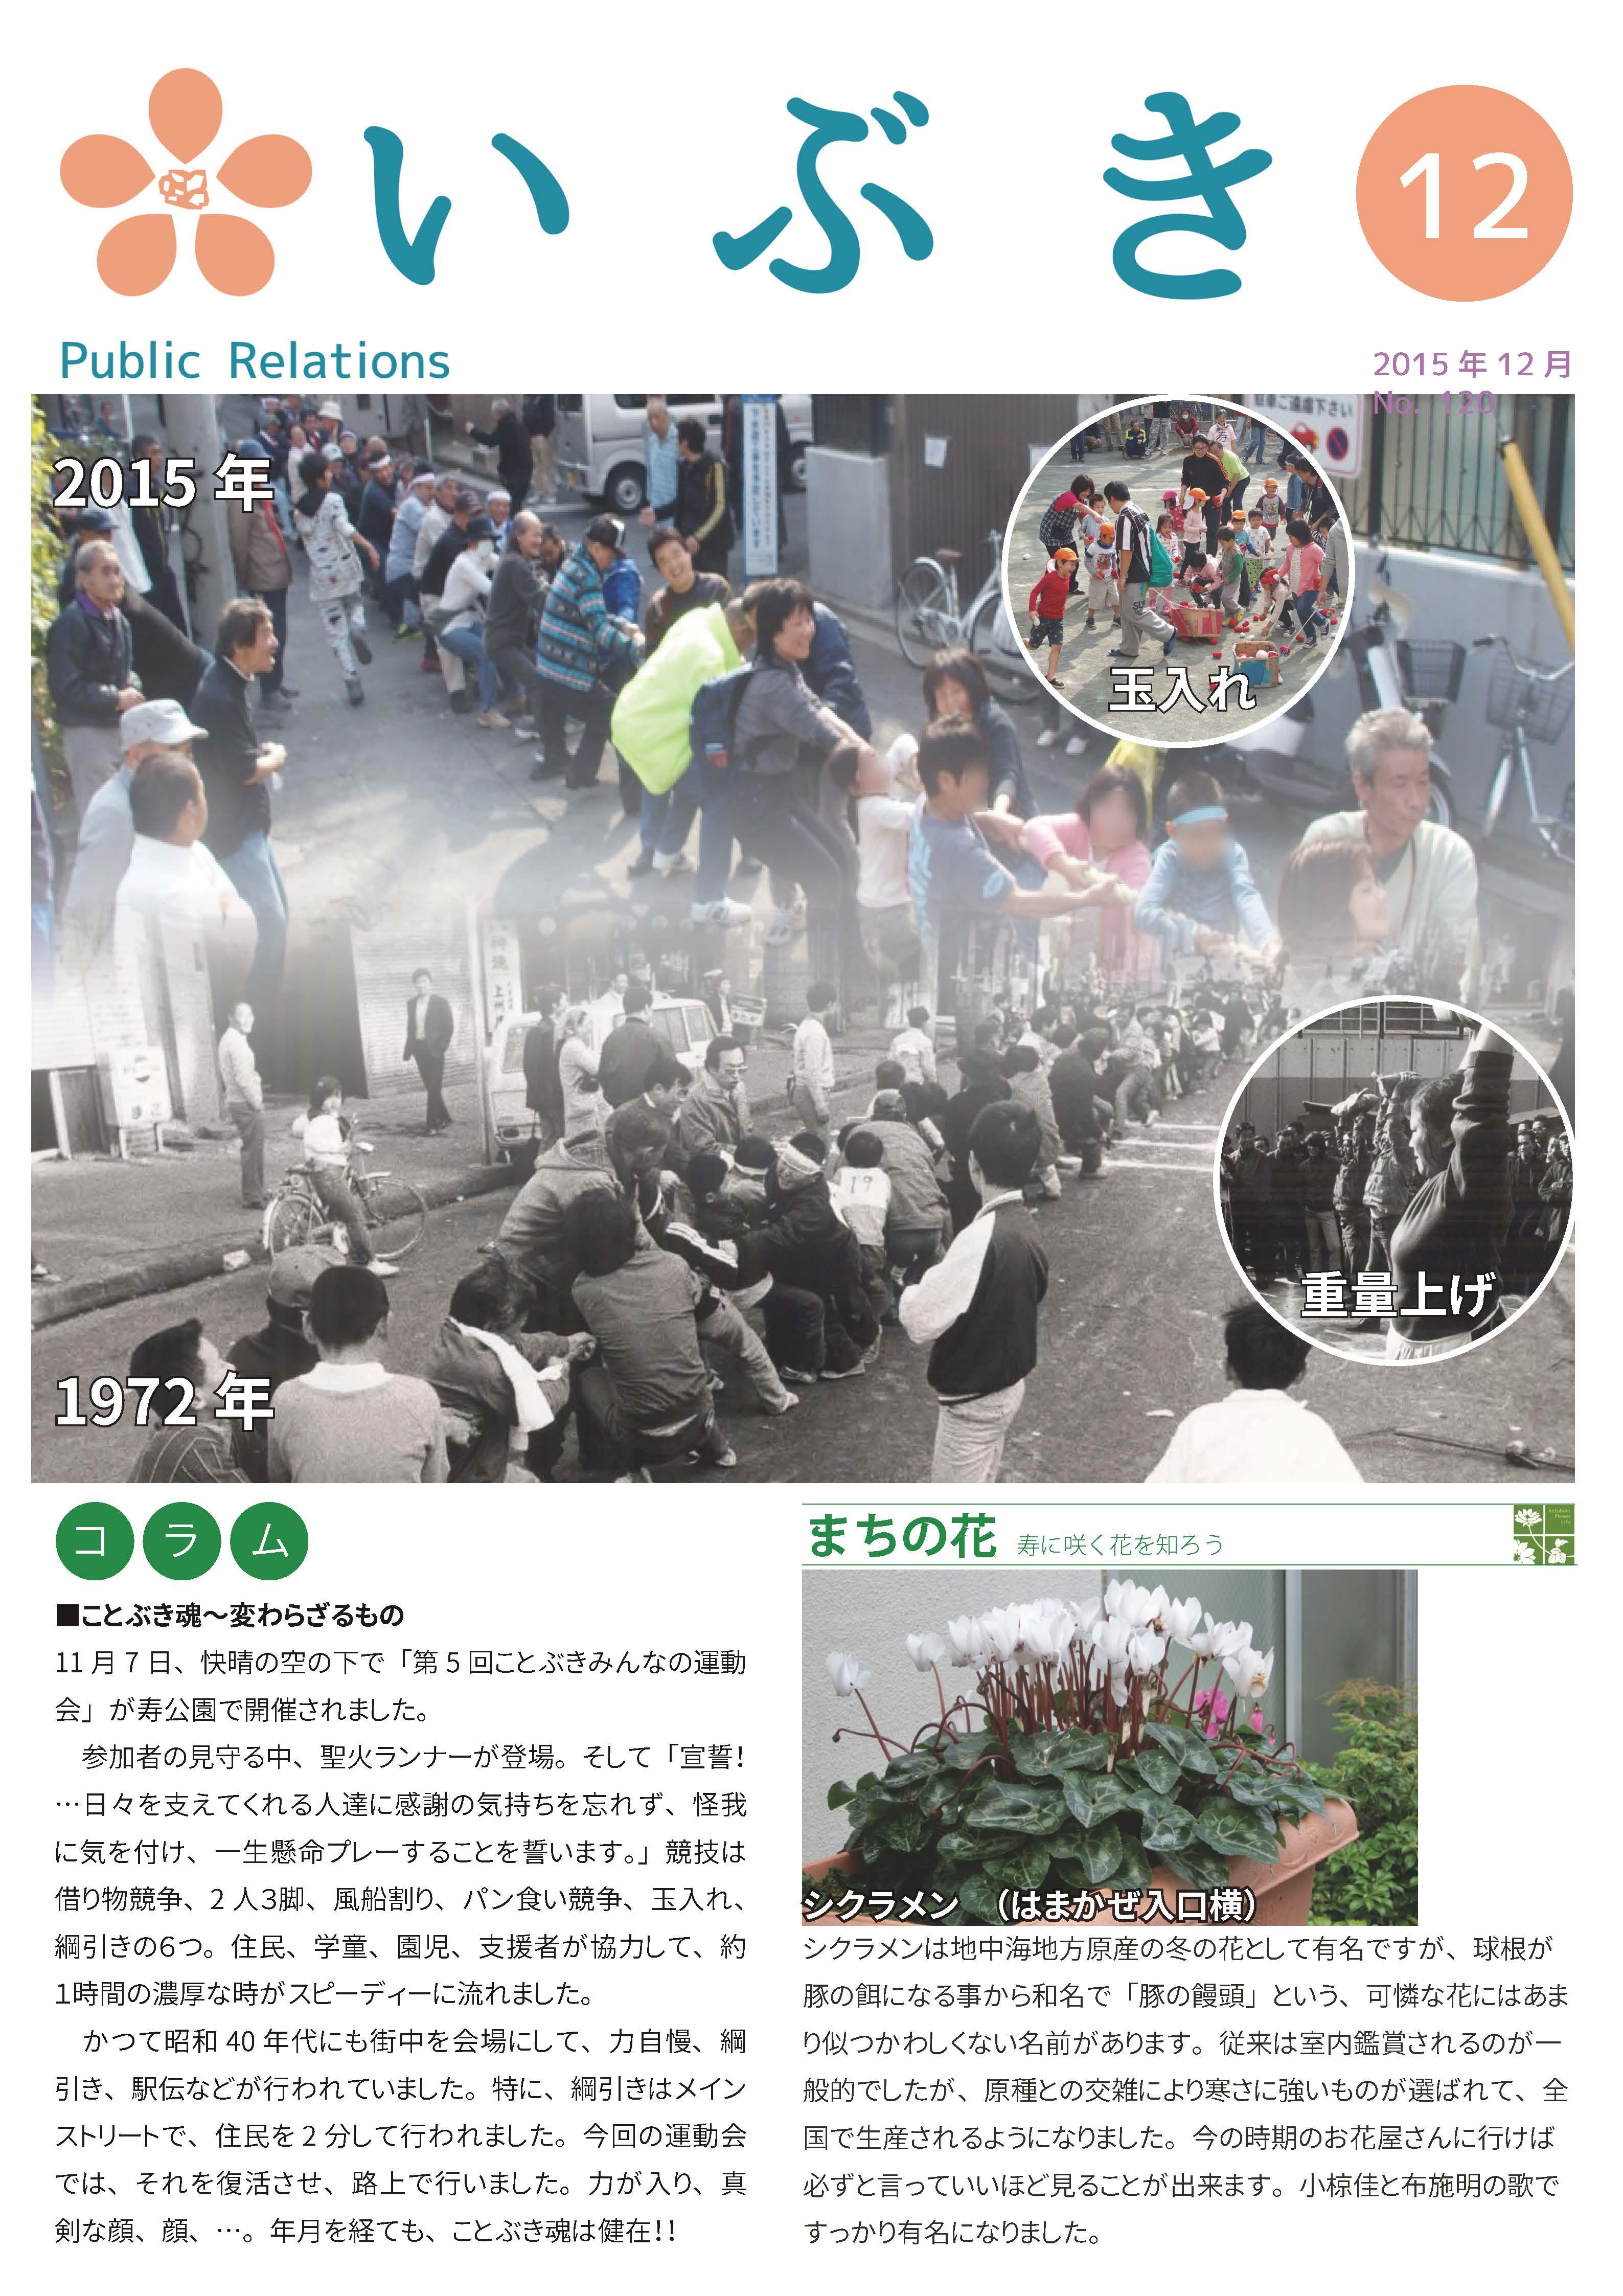 広報紙いぶき2015年12月号(No.120)